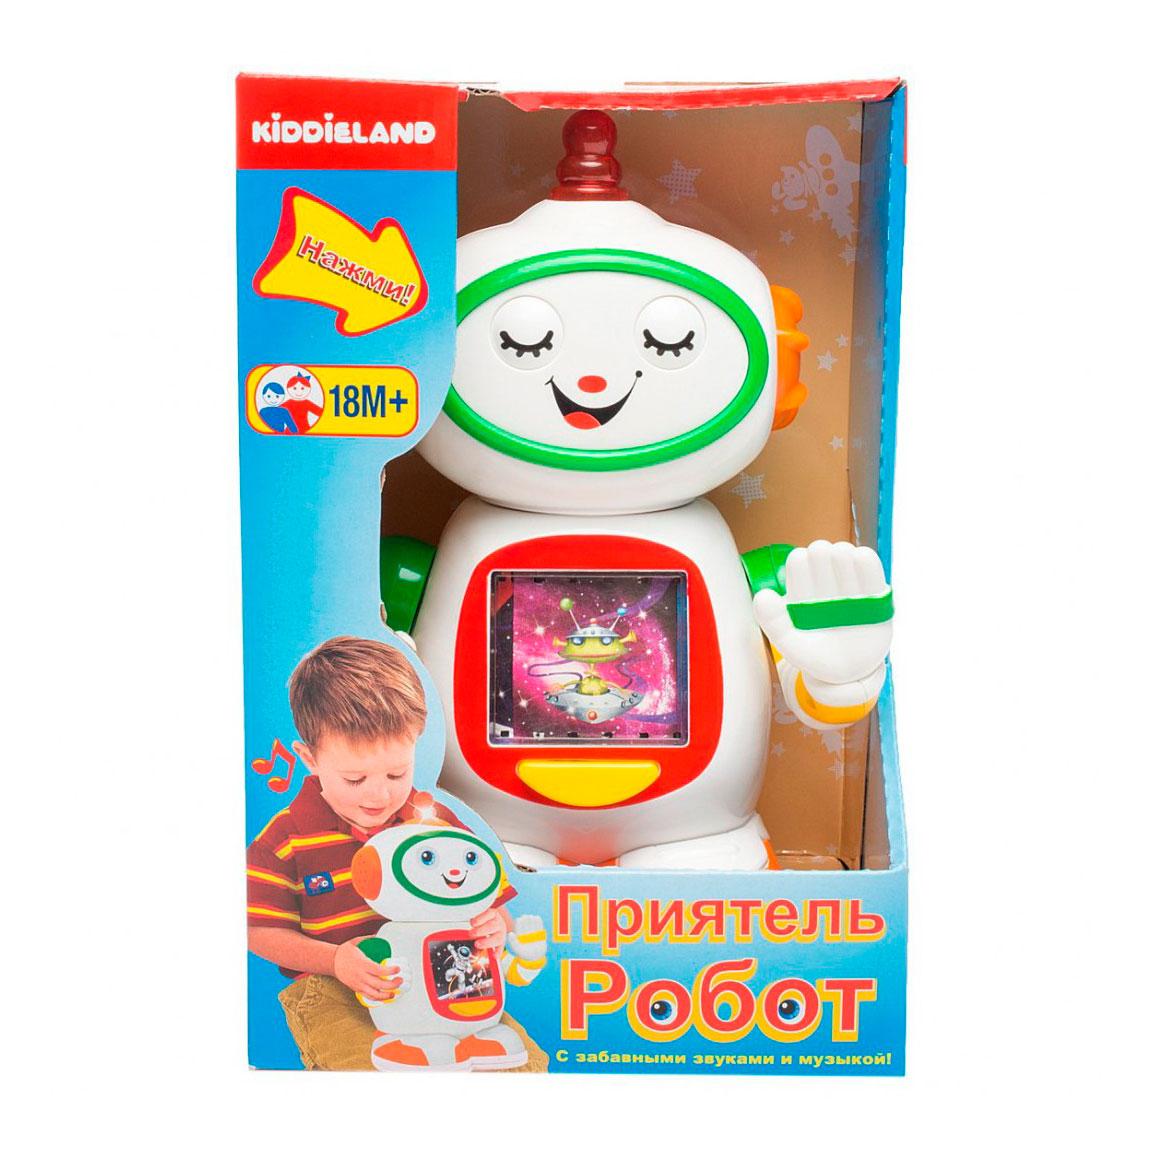 Развивающая игрушка Kiddieland Приятель робот<br>